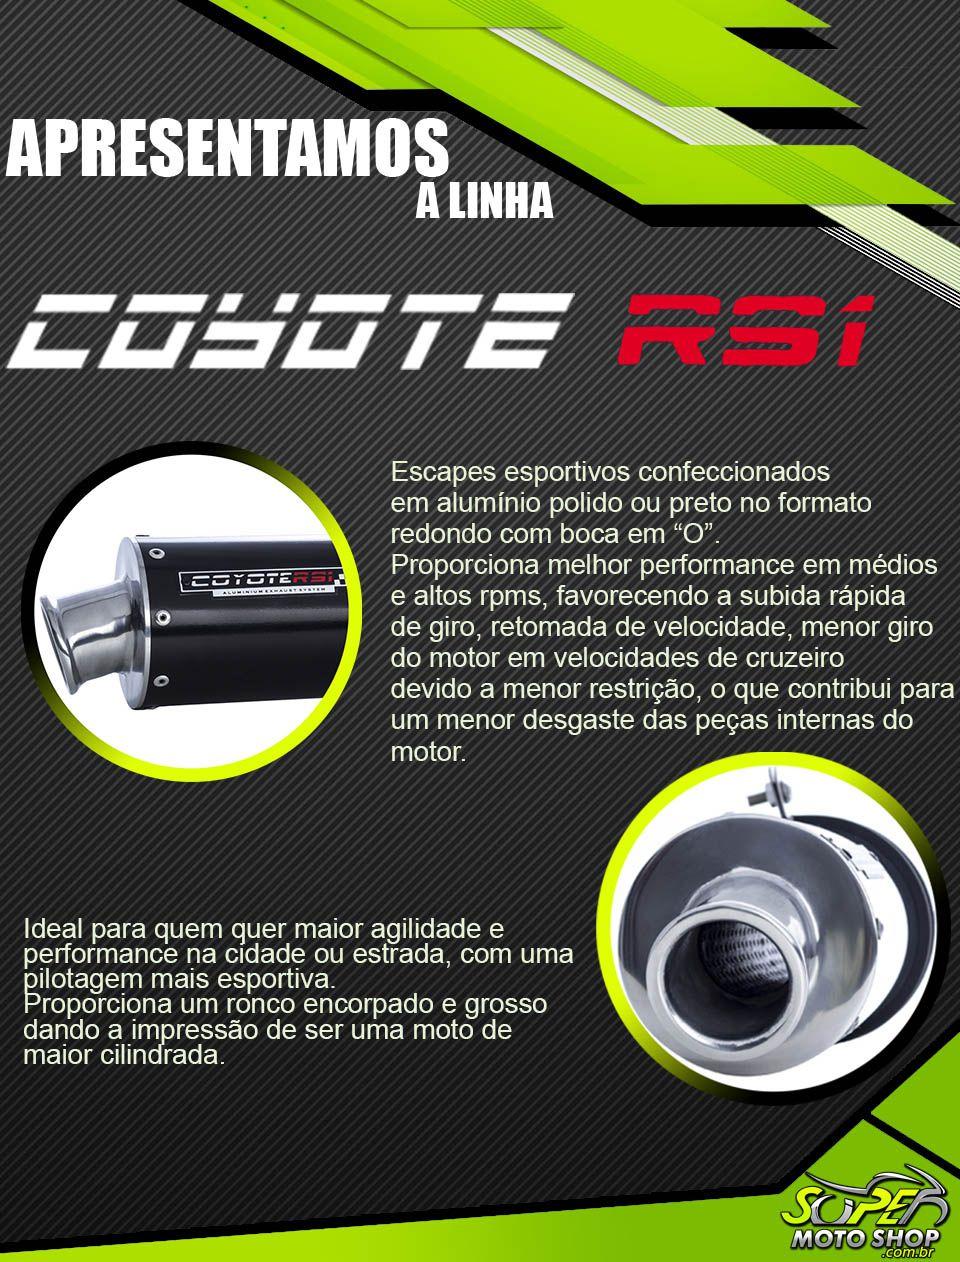 Escape / Ponteira Coyote RS1 Aluminio Redondo - CG 125 Titan KS 1996 até 1999 - Honda